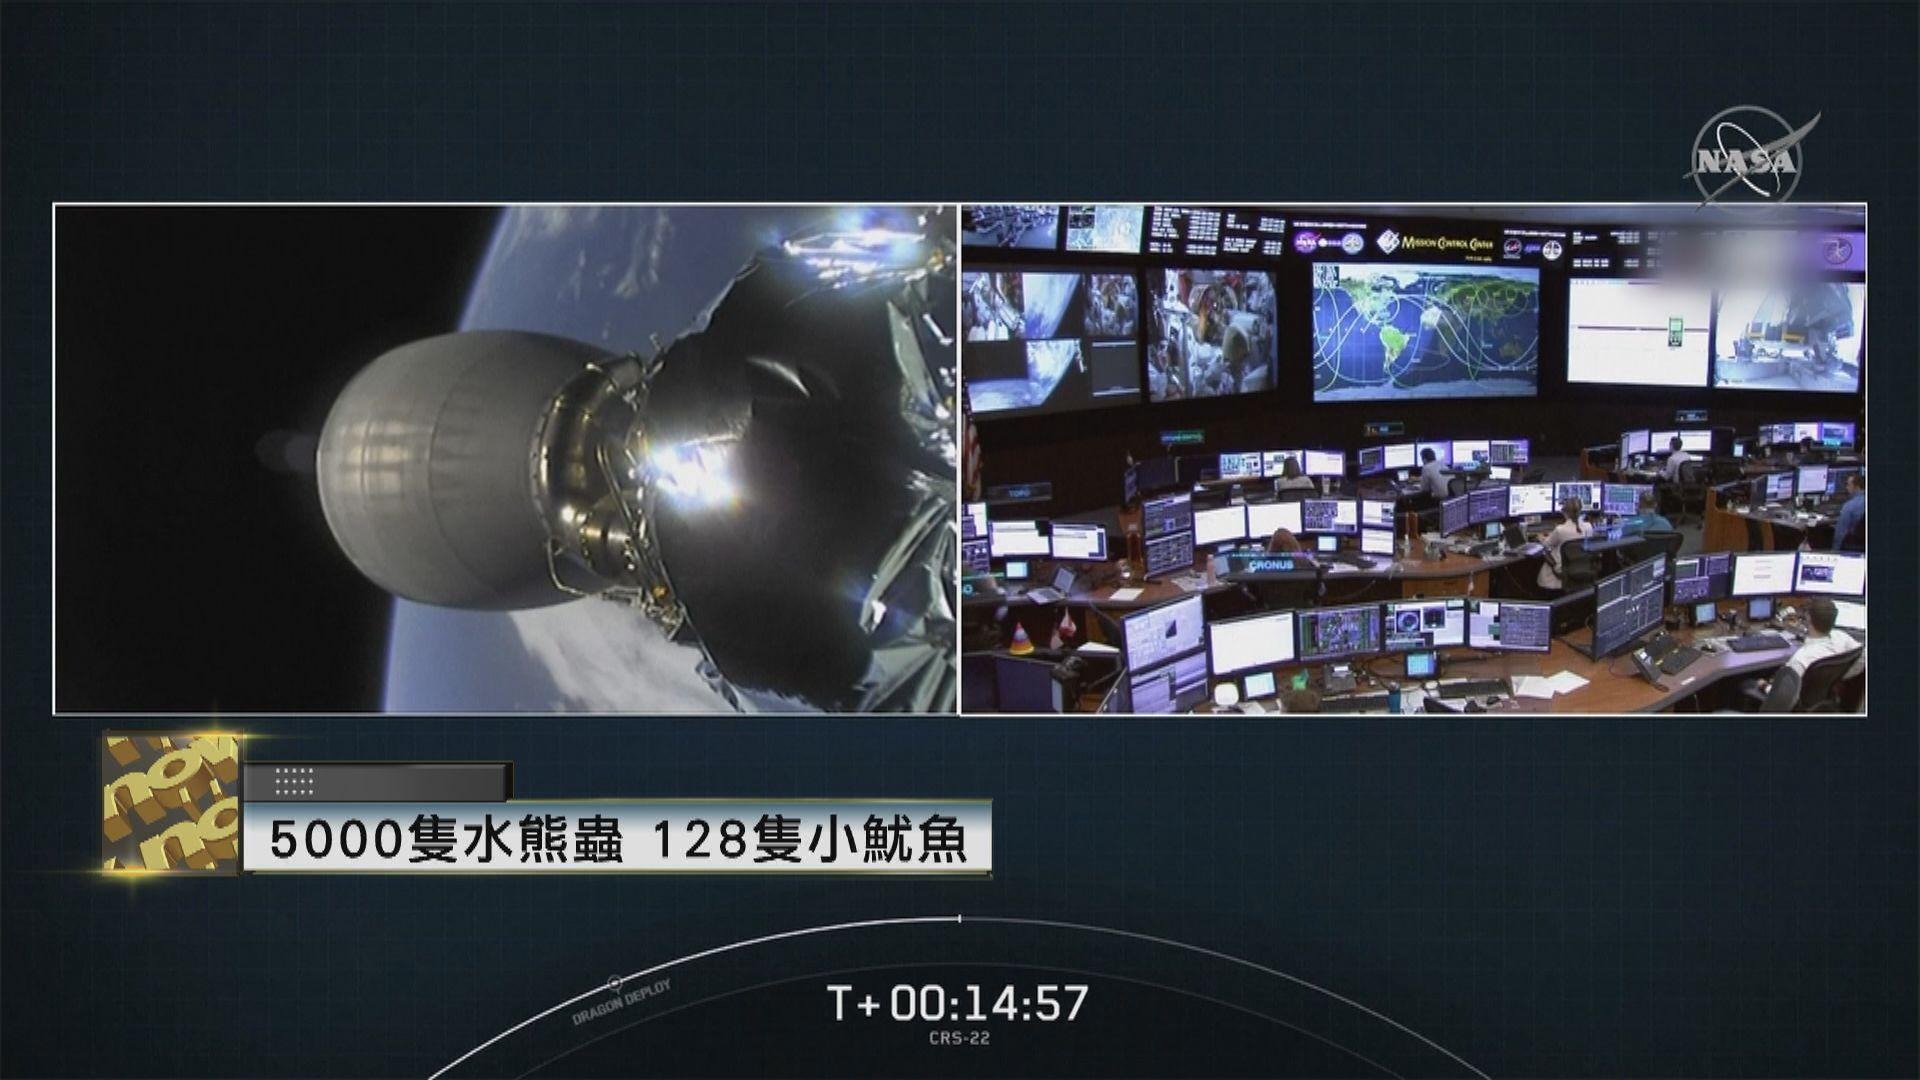 SpaceX送兩種生物上太空  了解對太空環境反應